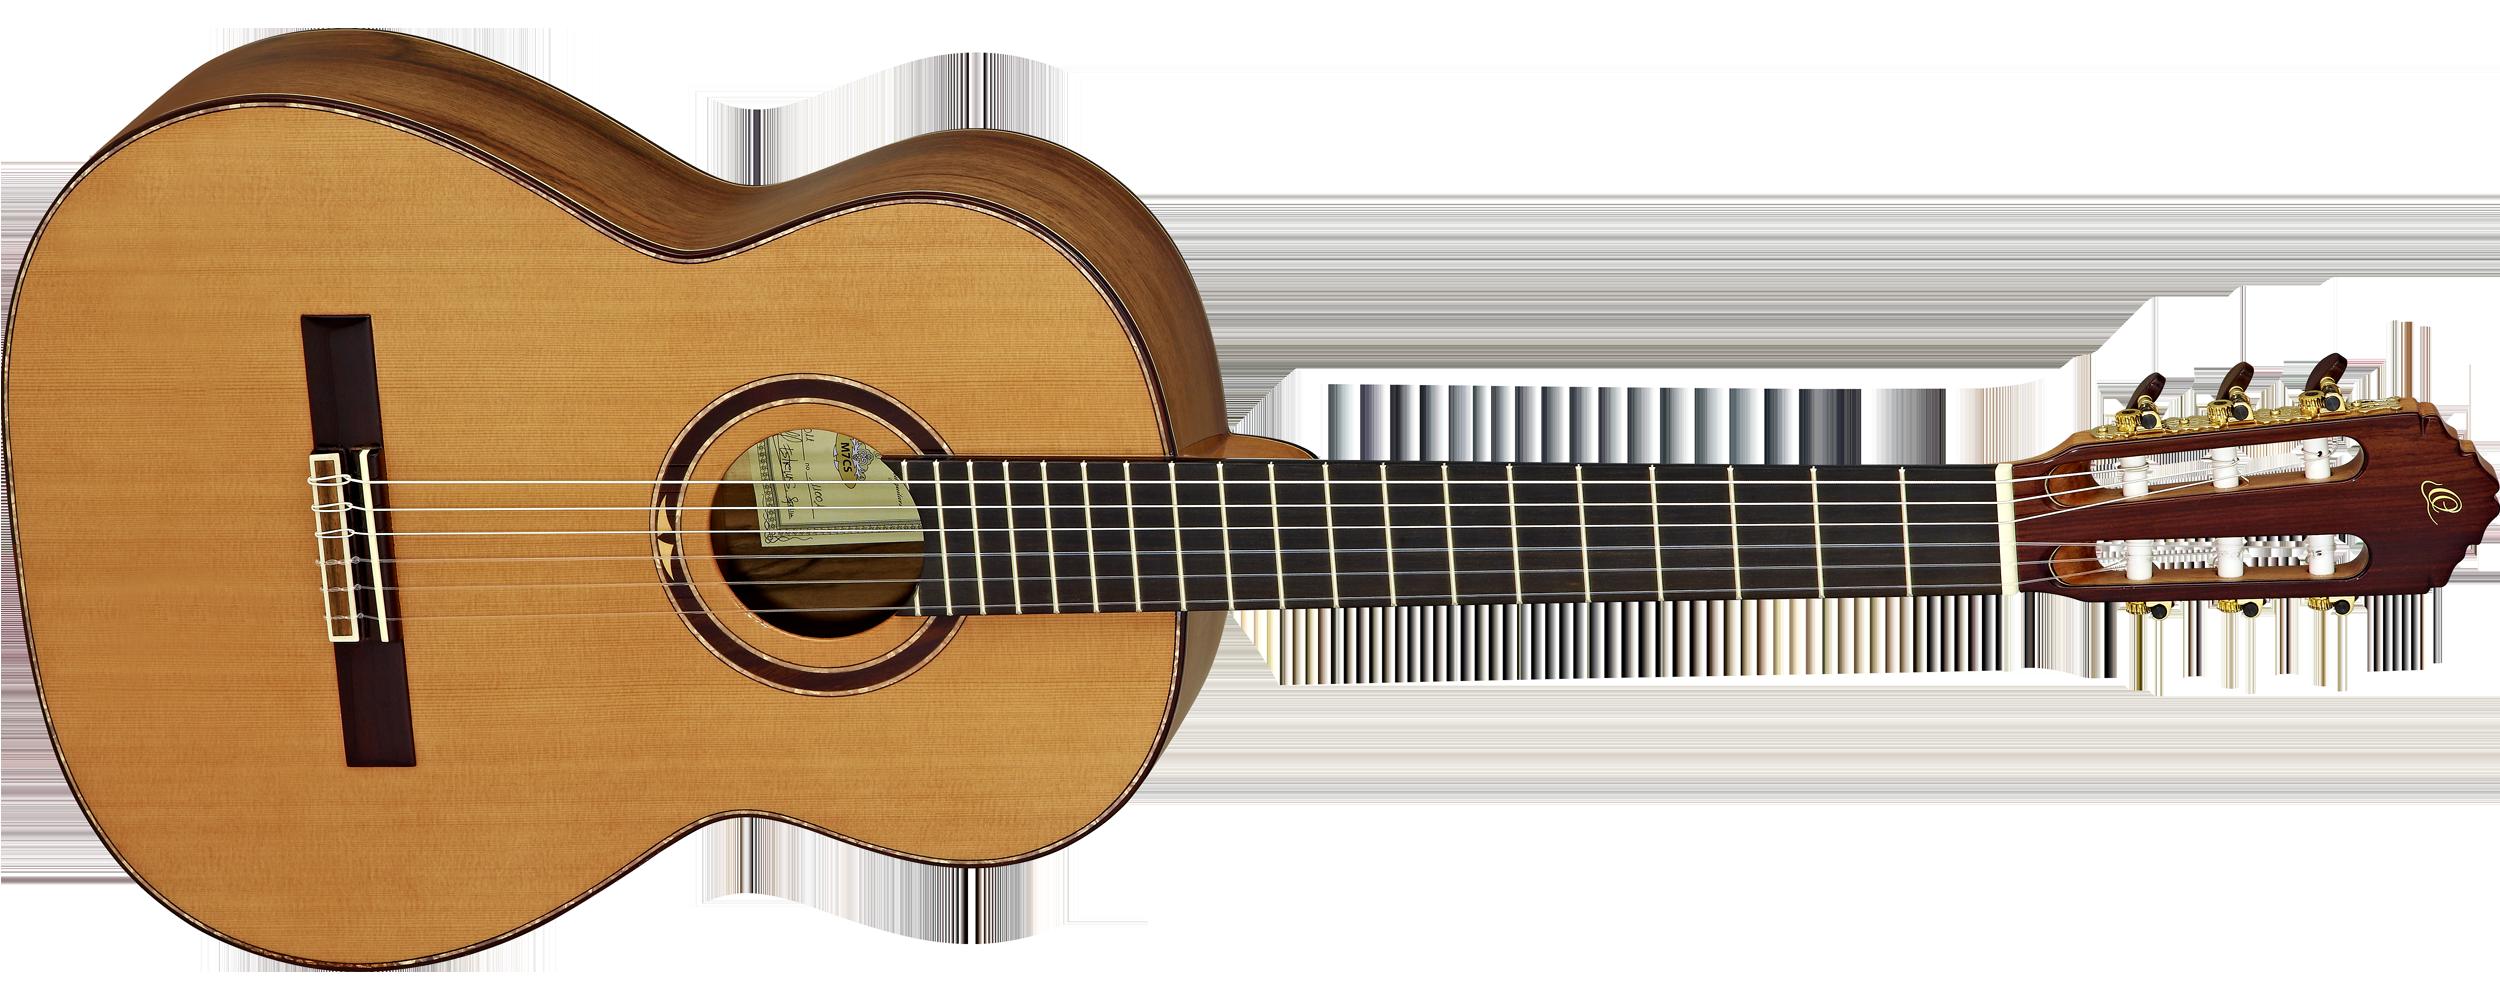 Clipart guitar cuatro. Ortega your m cs